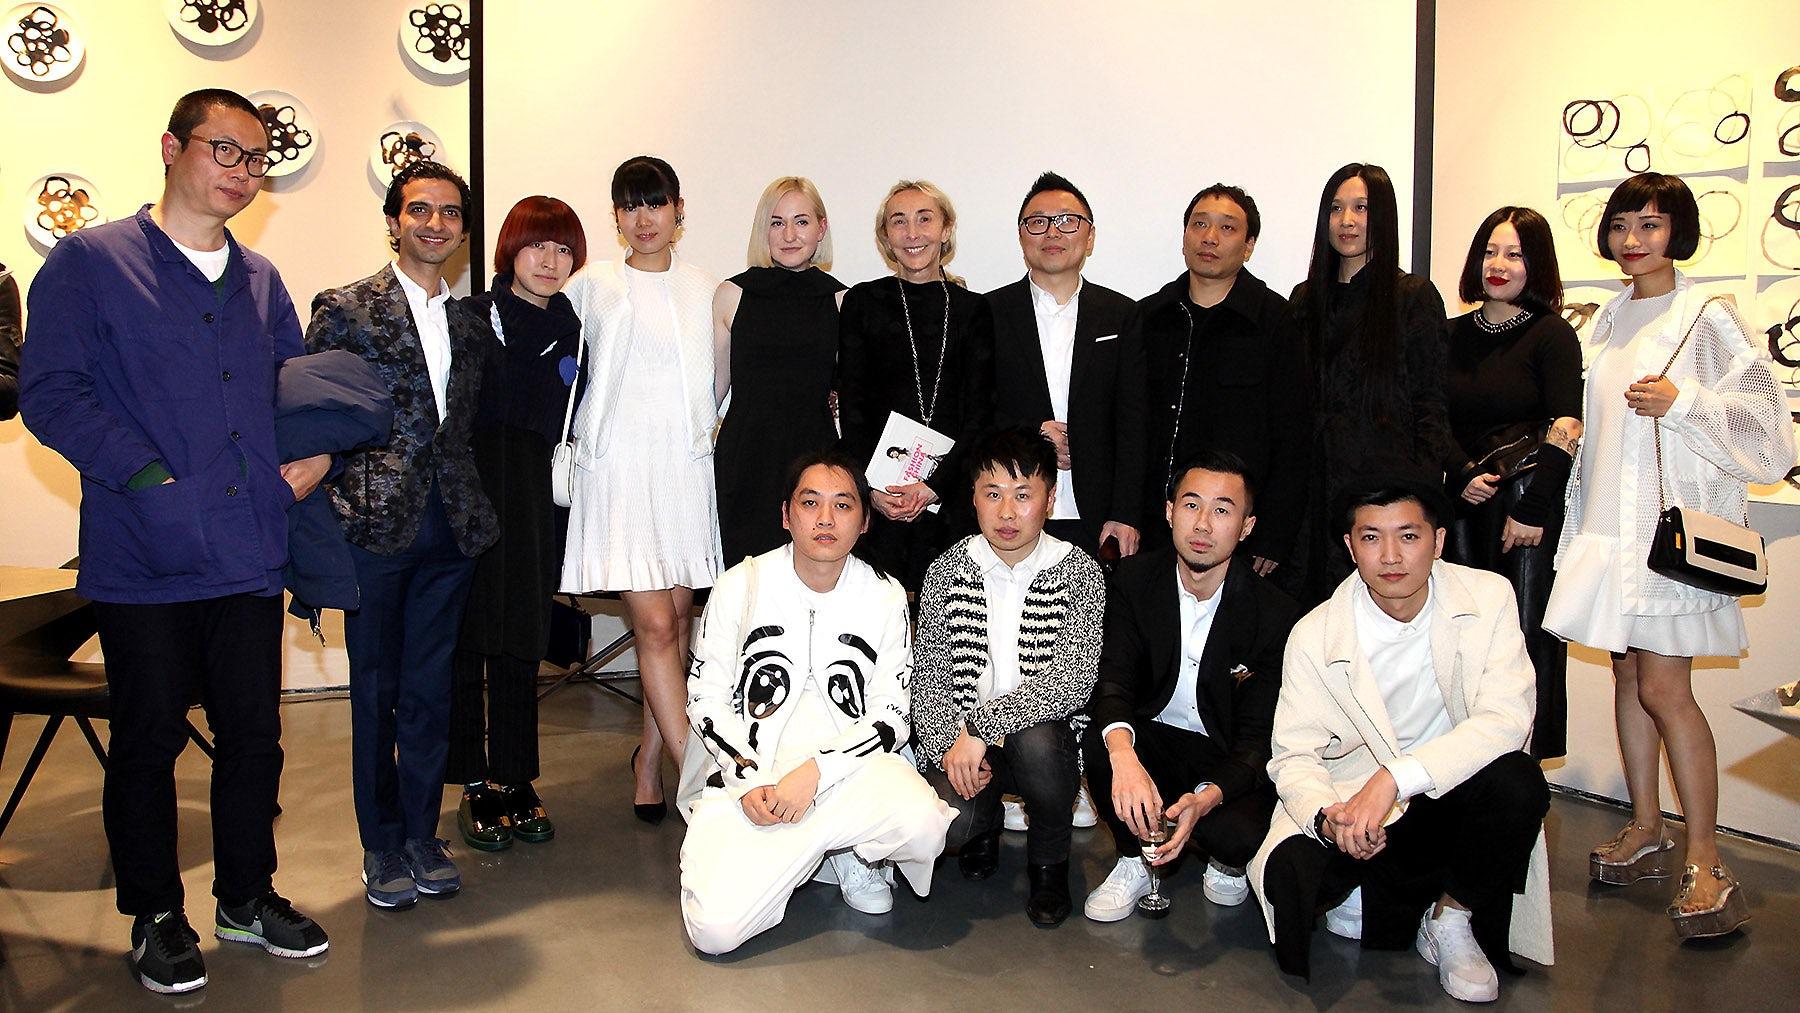 At the 'Fashion China' book event at 10 Corso Como, Shanghai | Source: 10 Corso Como